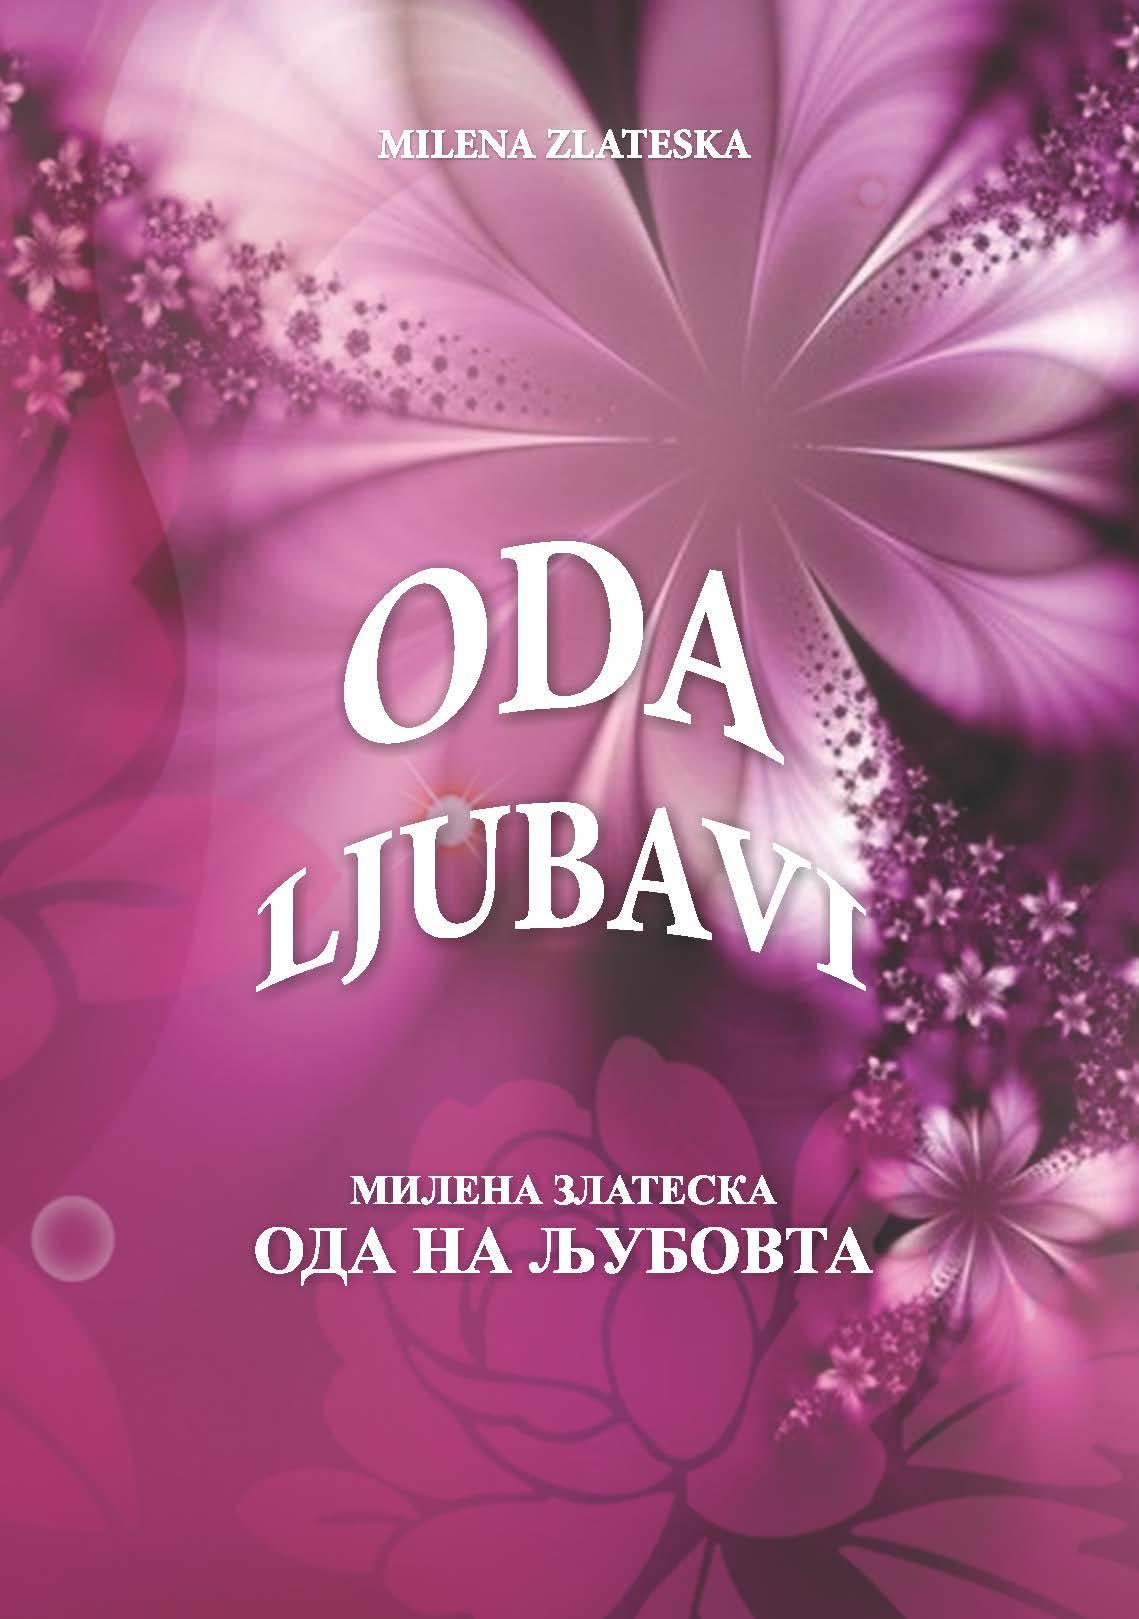 Oda ljubavi – Milena Zlateska